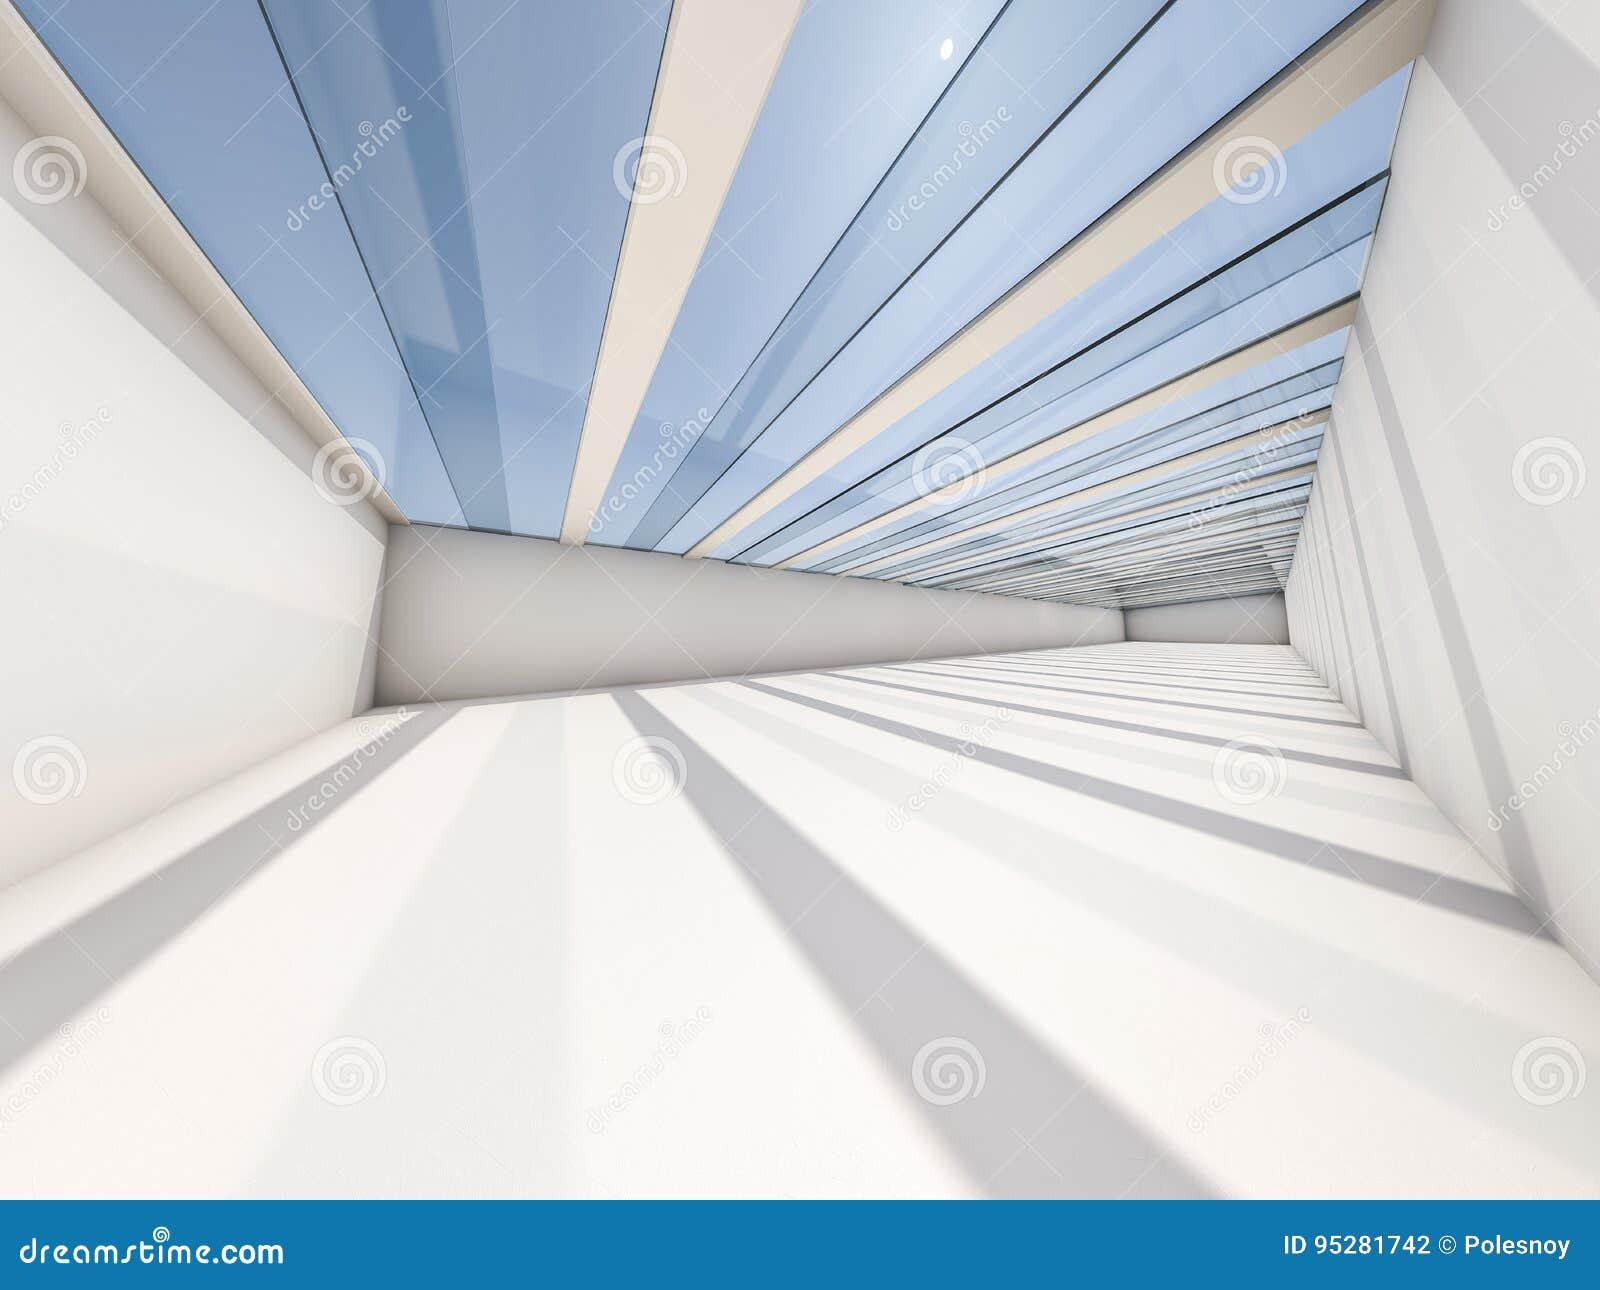 Fondo moderno astratto di architettura, spazio aperto bianco vuoto